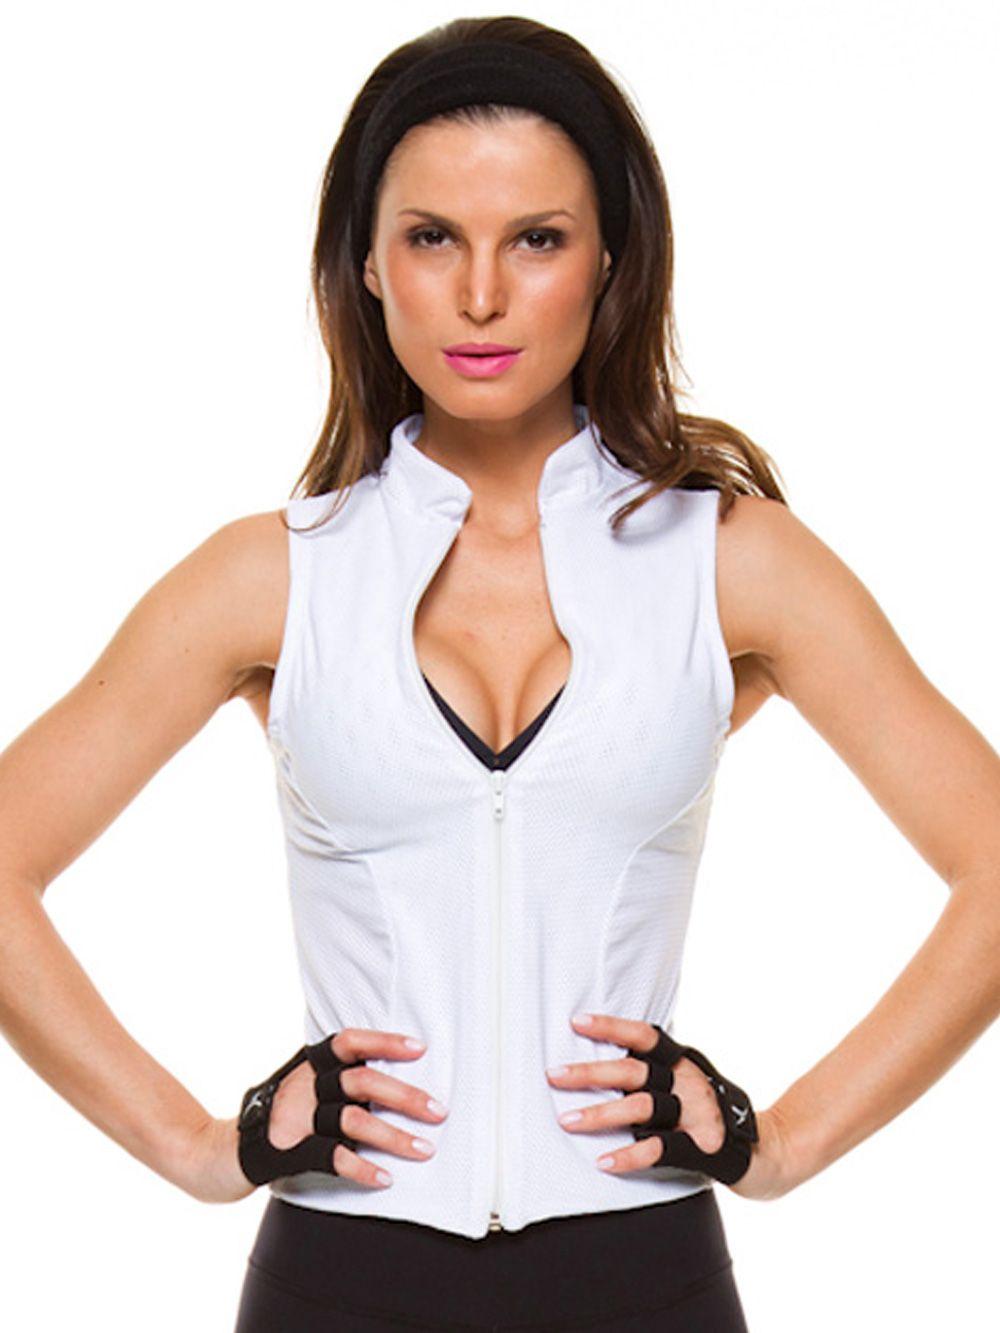 6cc6f6dbcf231 Ganhe um ar poderoso e sensual com o colete fitness em tela branca. O  recorte moderno valoriza o corpo feminino e dá um UP em qualquer produção.